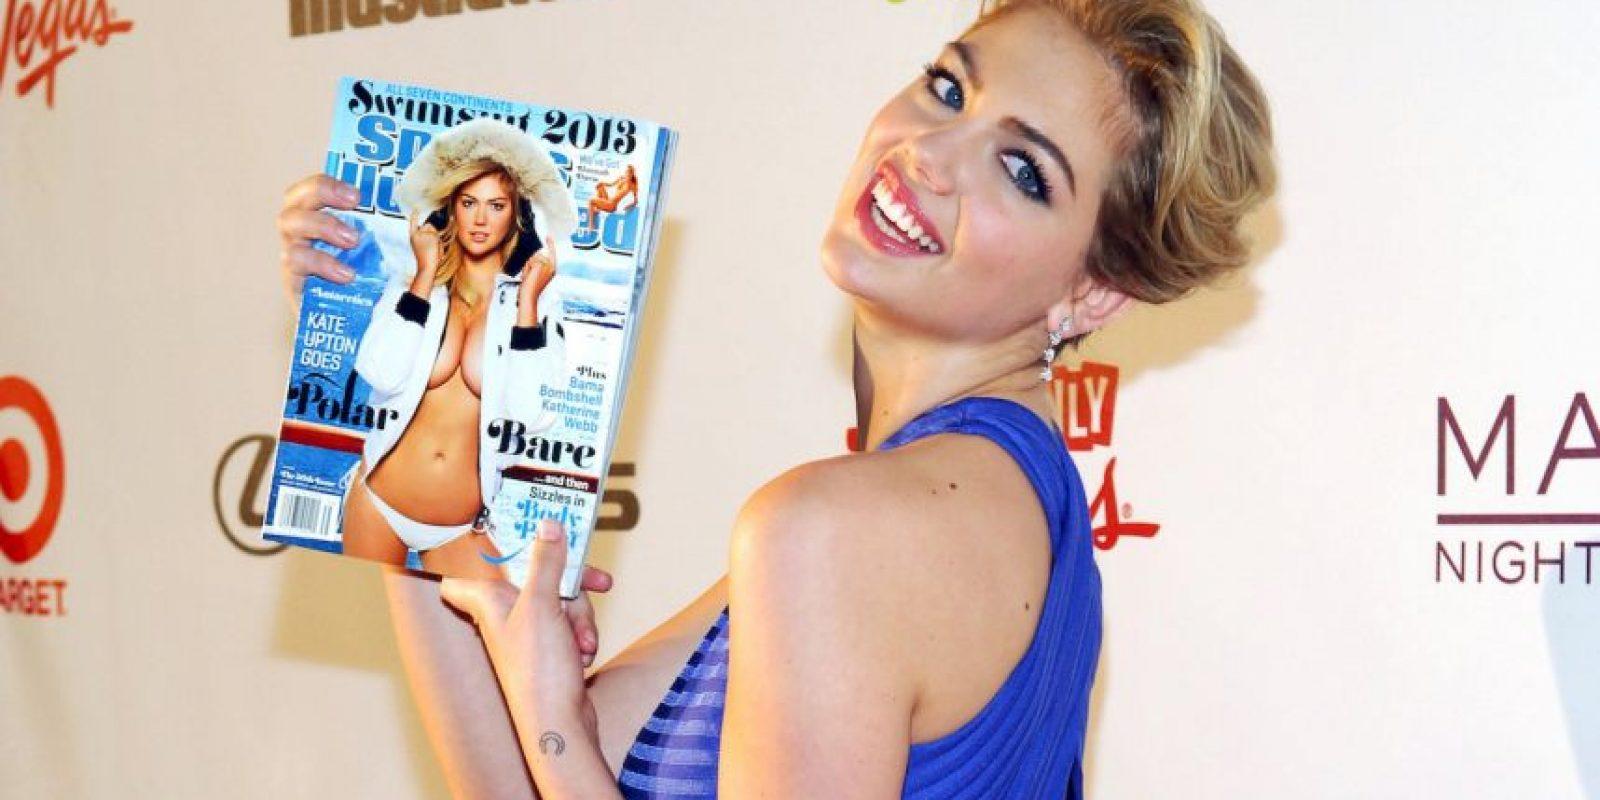 """En 2014 obtuvo el premio a la """"Mujer más sexy del planeta"""" por las revista People. Foto:Getty Images"""